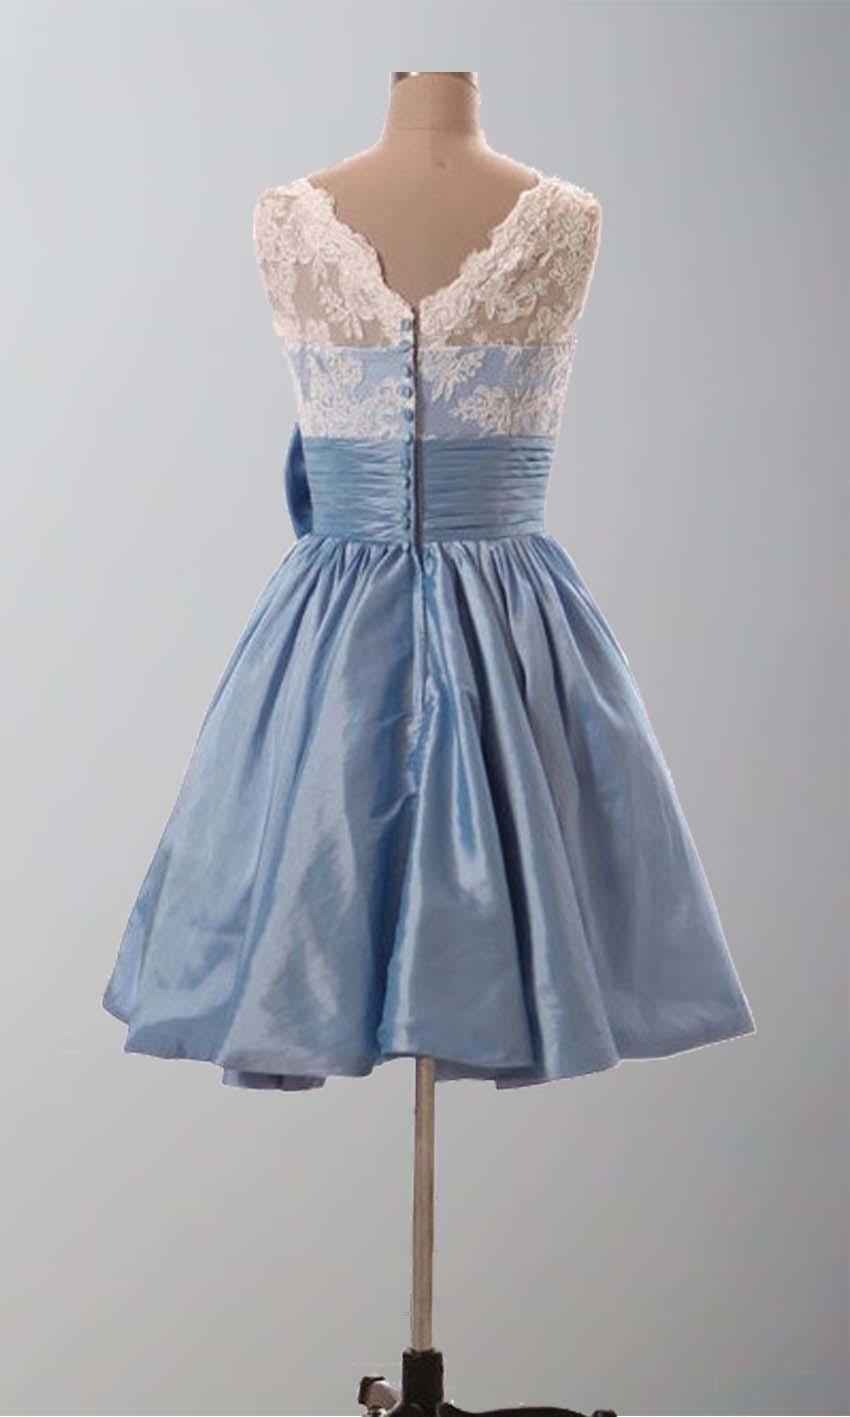 Lace vintage cute bow knot short bridesmaid dresses ksp289 Cheap lace wedding dresses uk